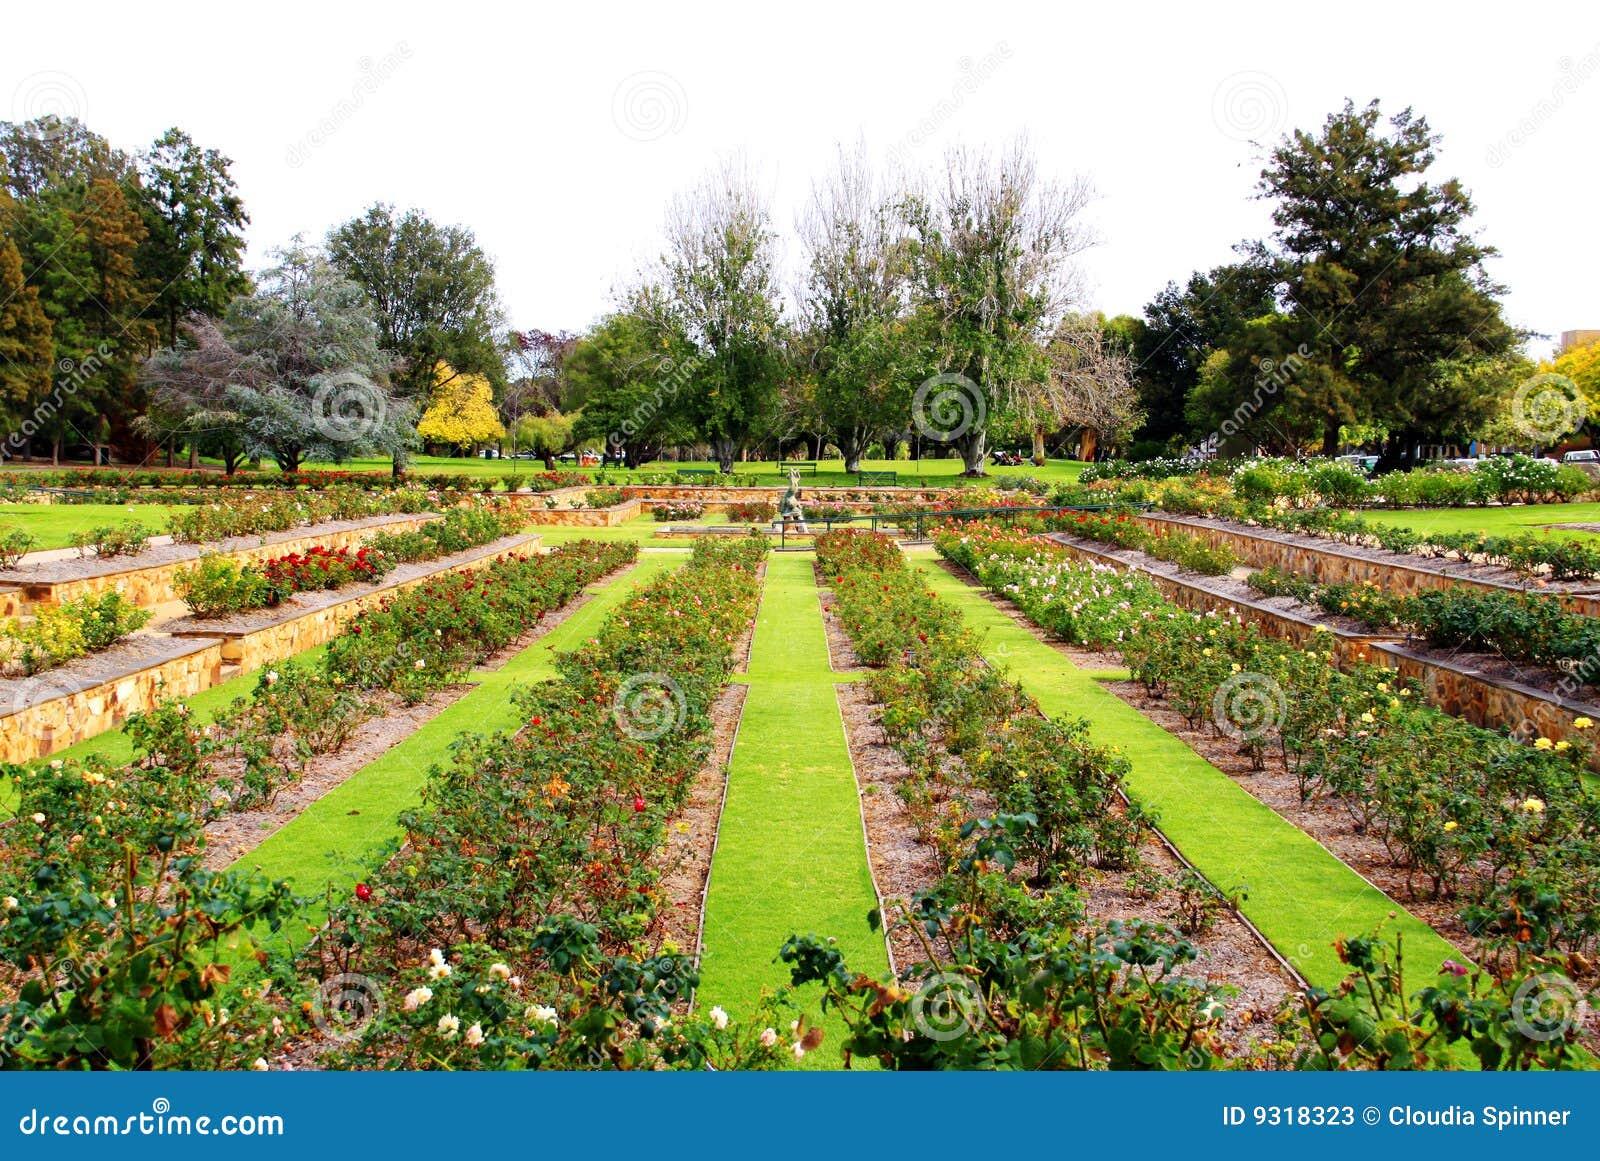 Formal rose garden adelaide australia stock image for Adelaide gardens